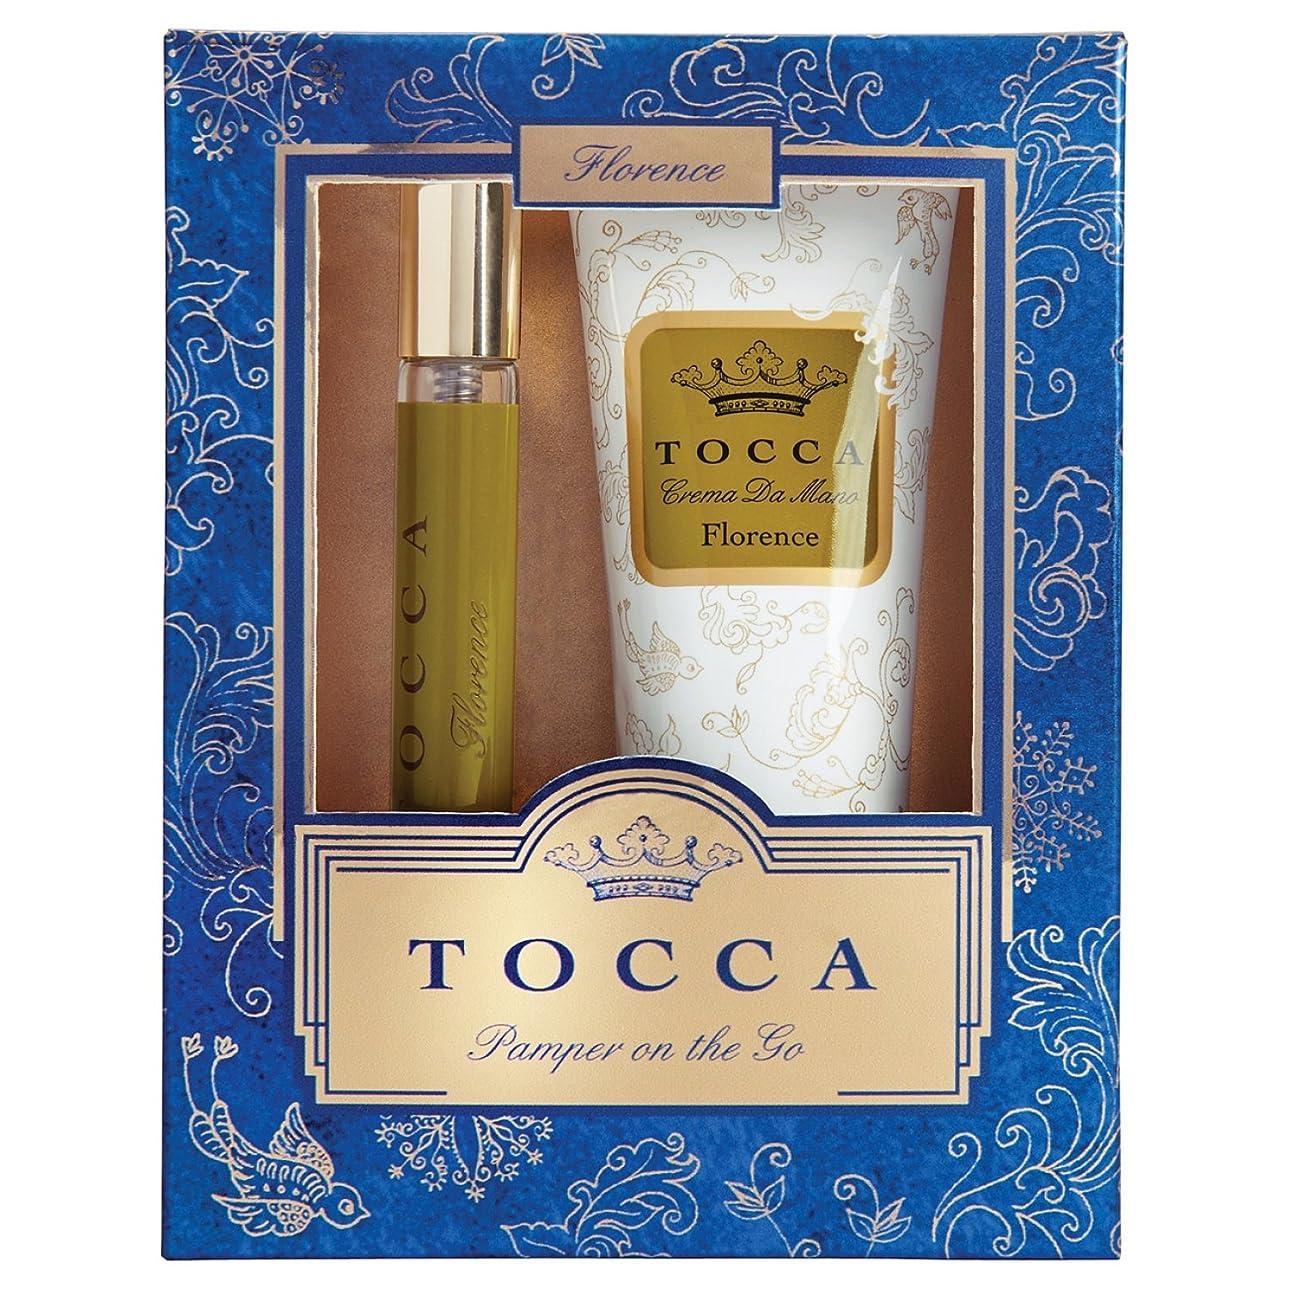 独裁前提条件振動するトッカ(TOCCA) トラベルパンパーセットギルディッド フローレンスの香り (ハンドクリーム&香水、限定コフレ)